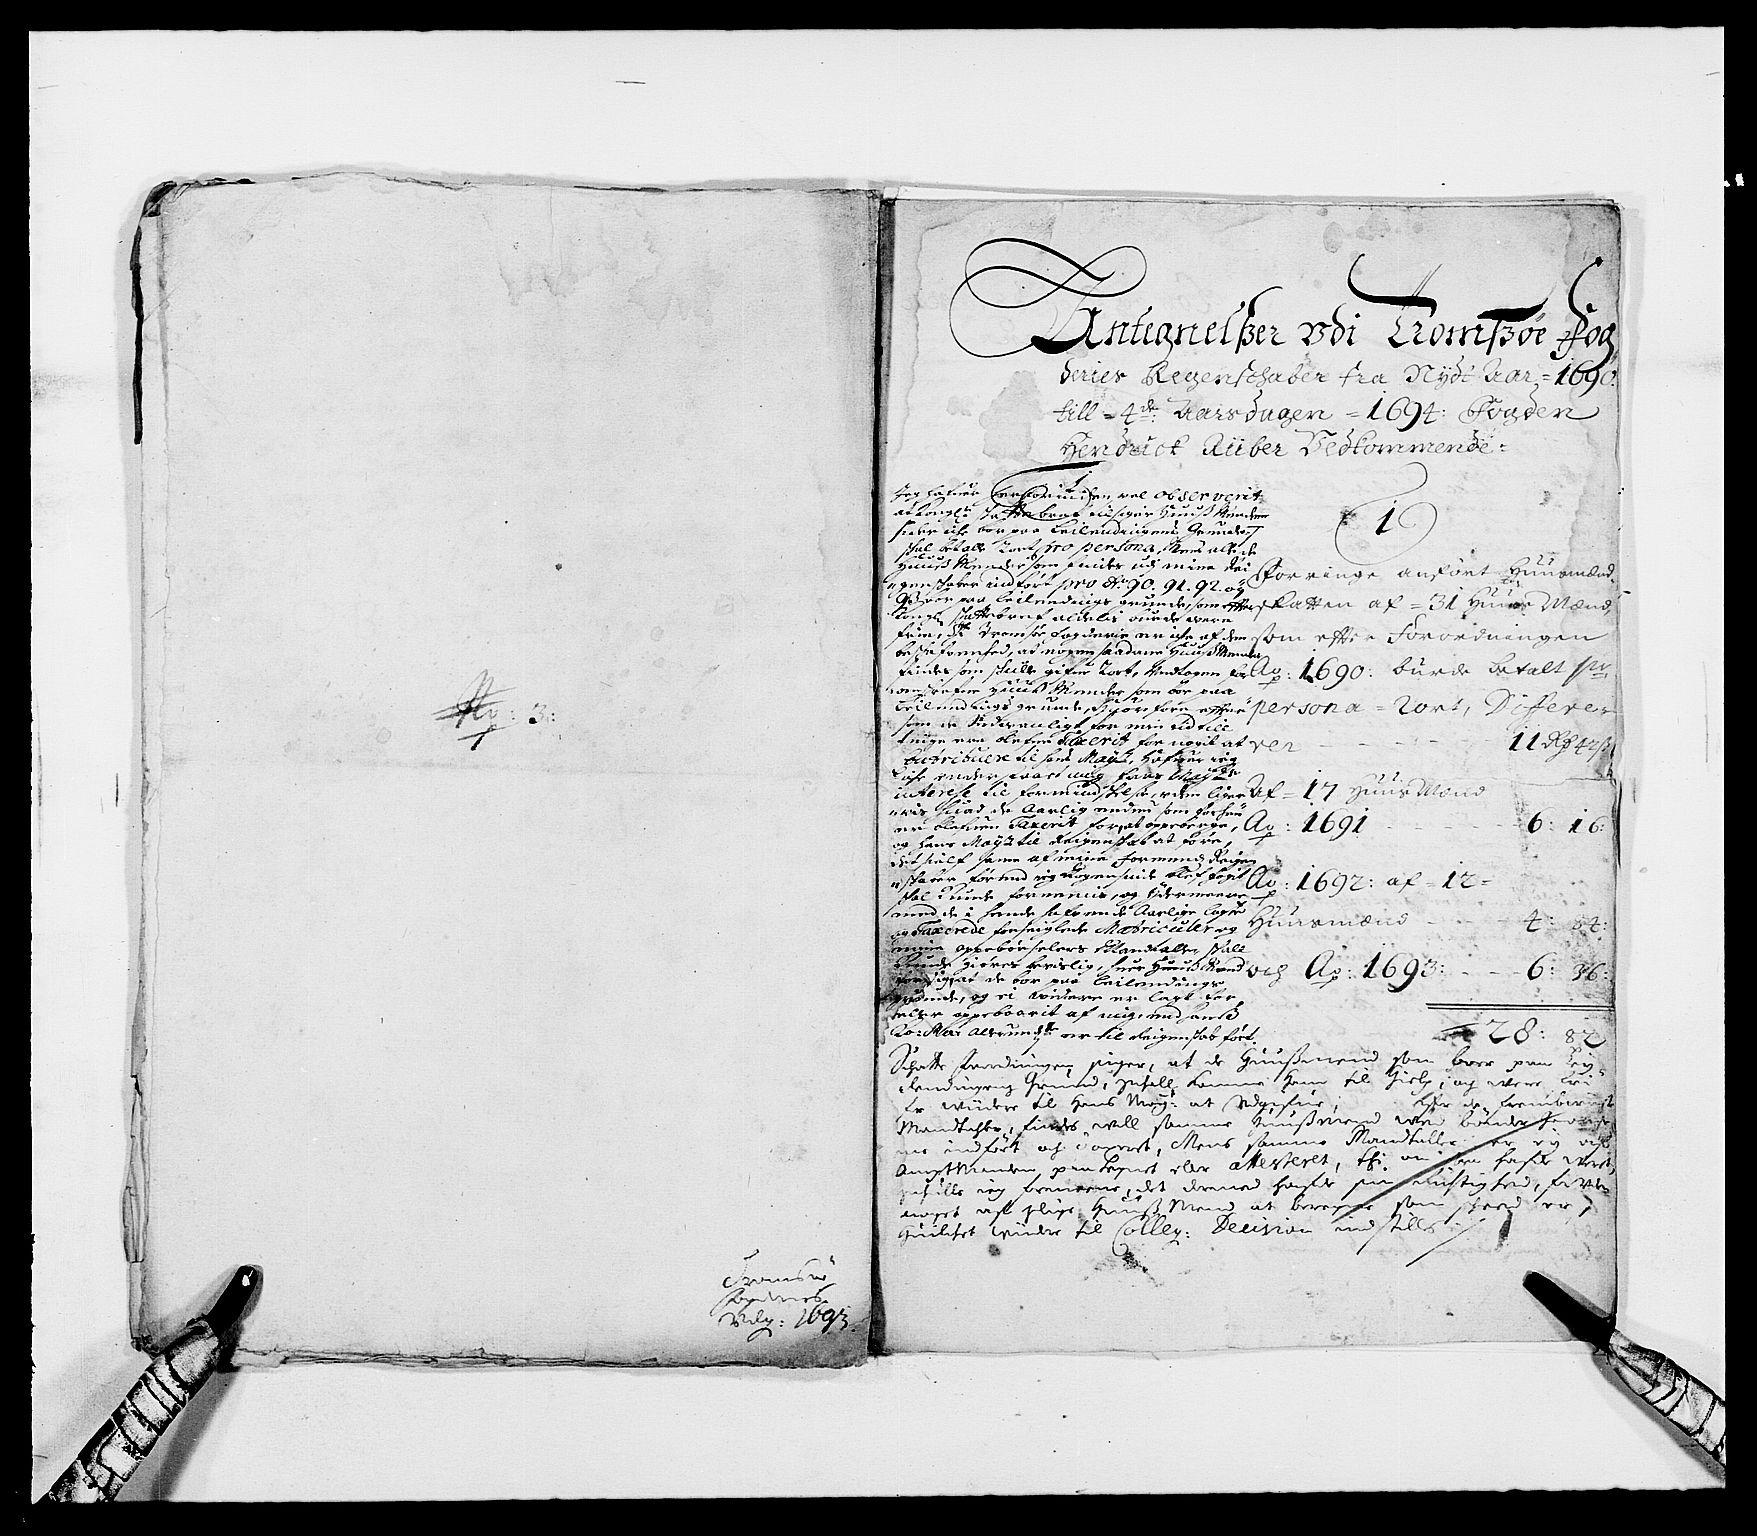 RA, Rentekammeret inntil 1814, Reviderte regnskaper, Fogderegnskap, R68/L4751: Fogderegnskap Senja og Troms, 1690-1693, s. 327